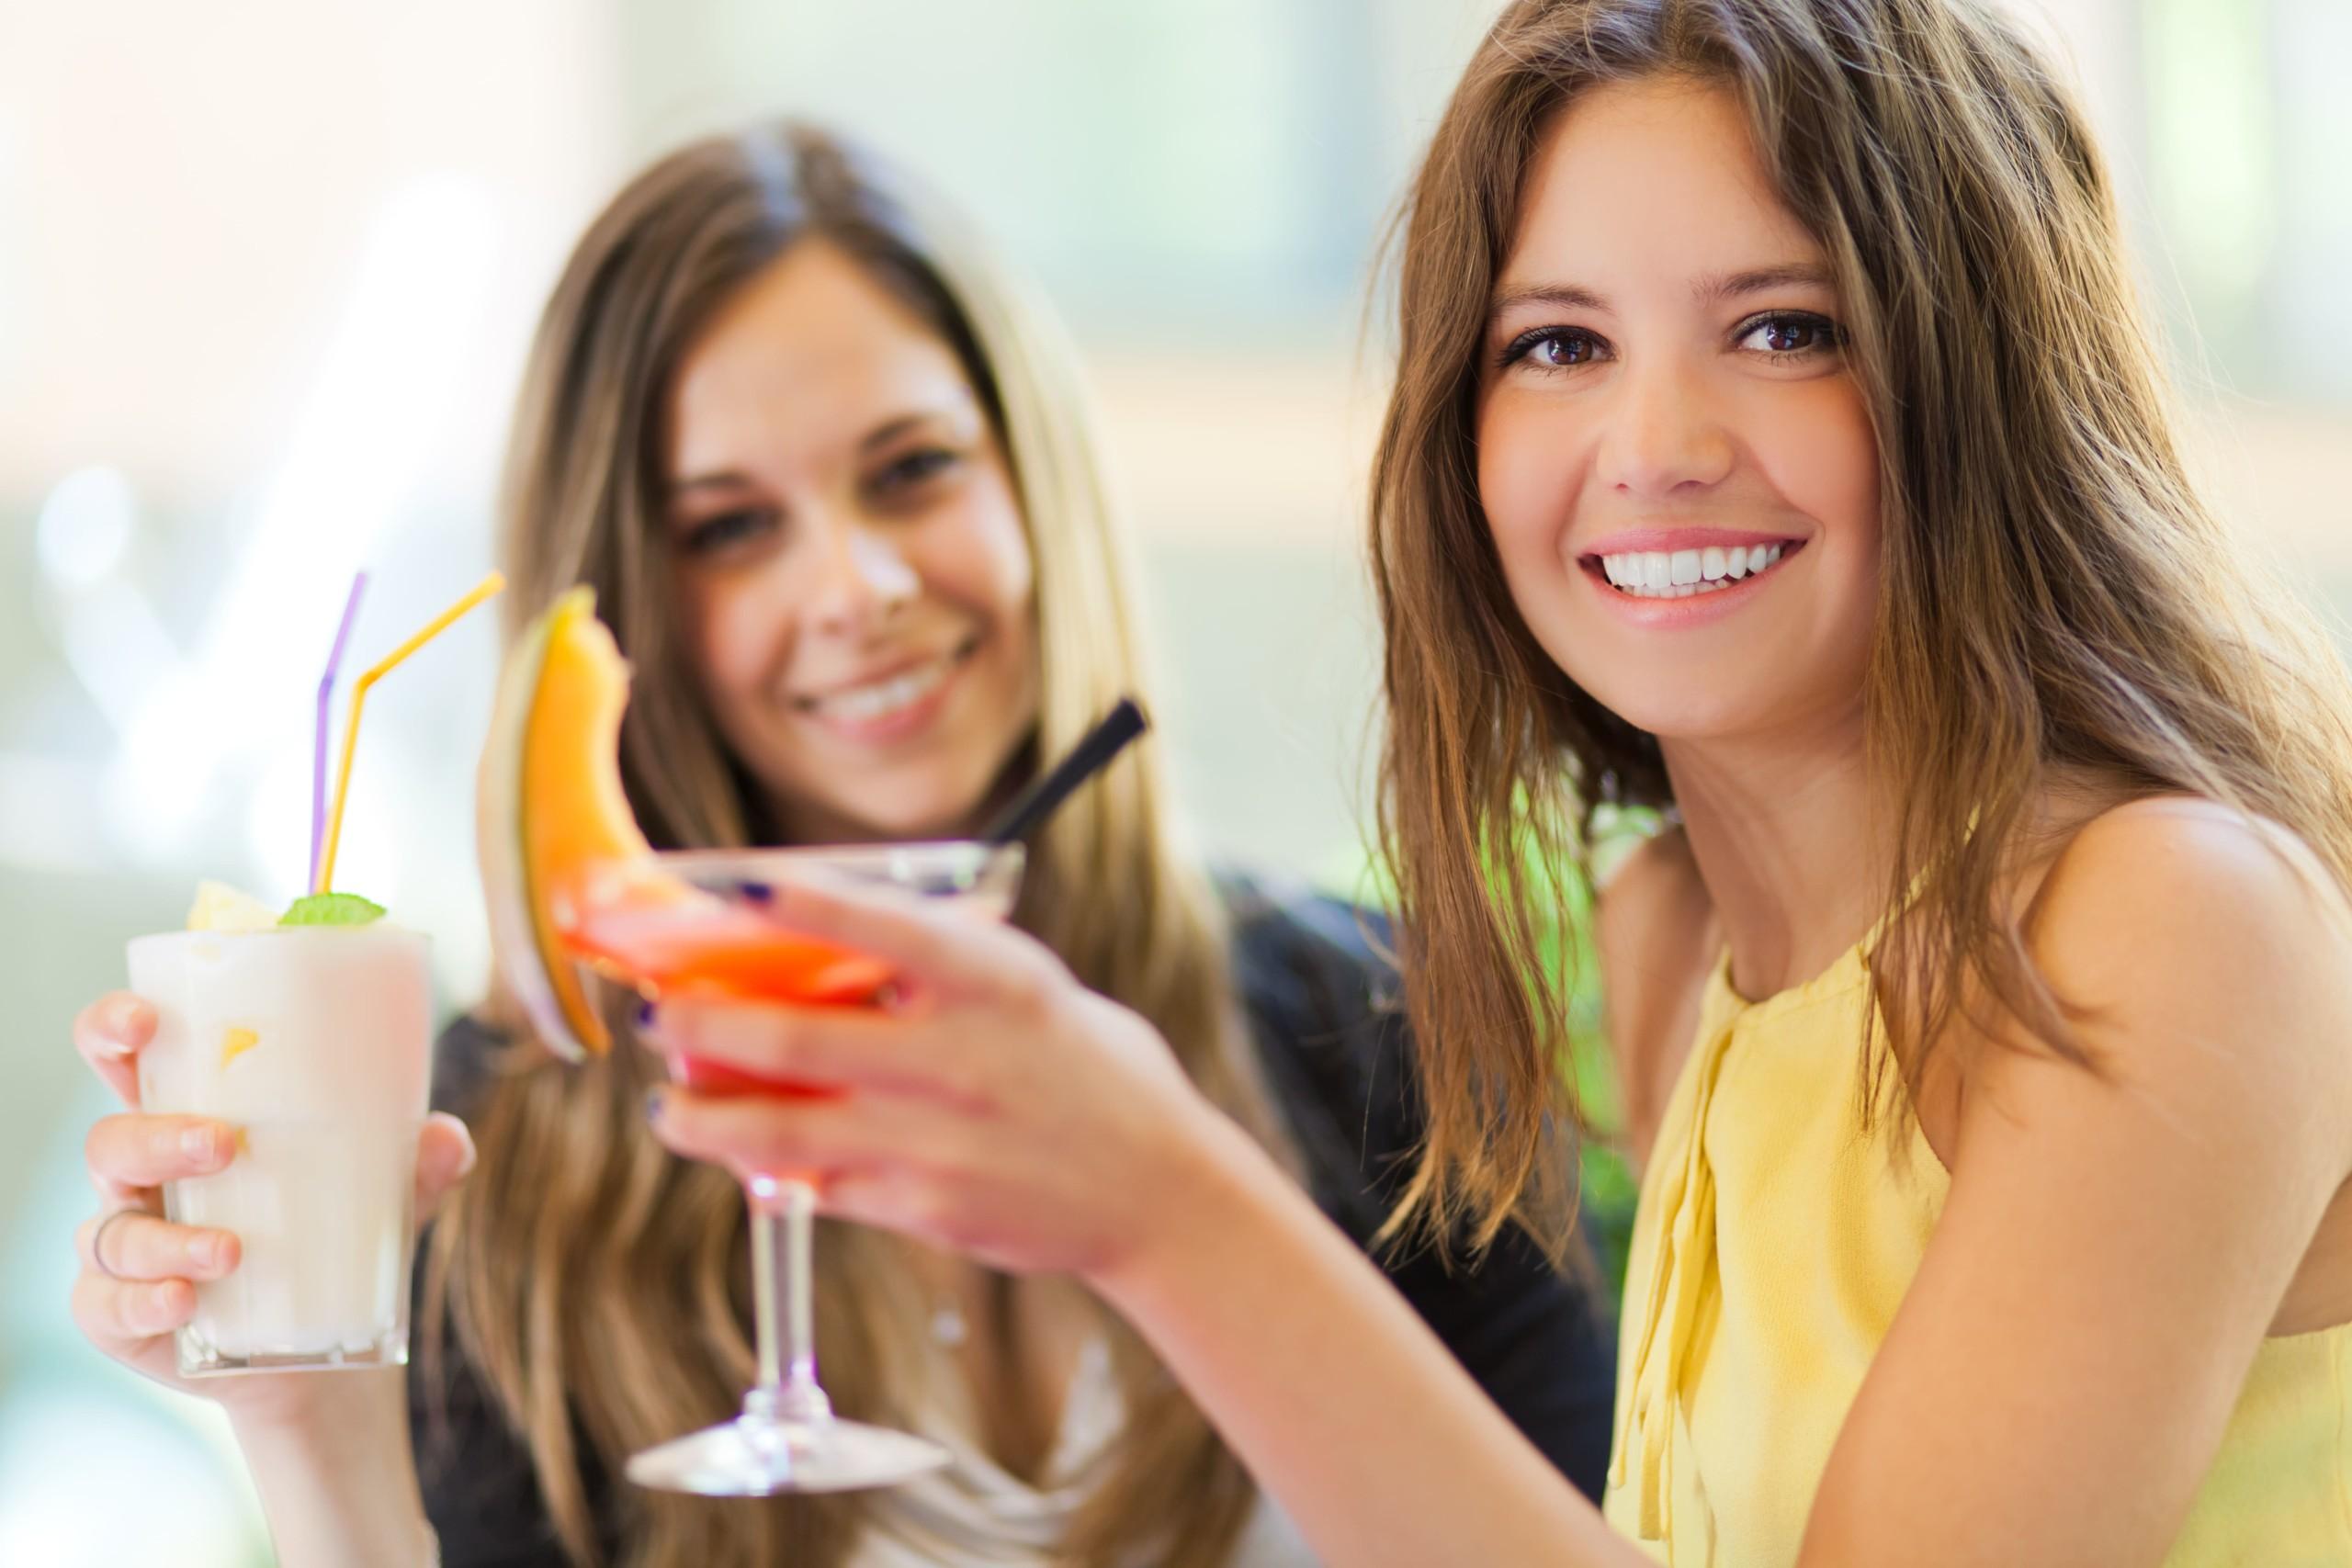 女性二人がお酒を楽しそうに飲んでいる